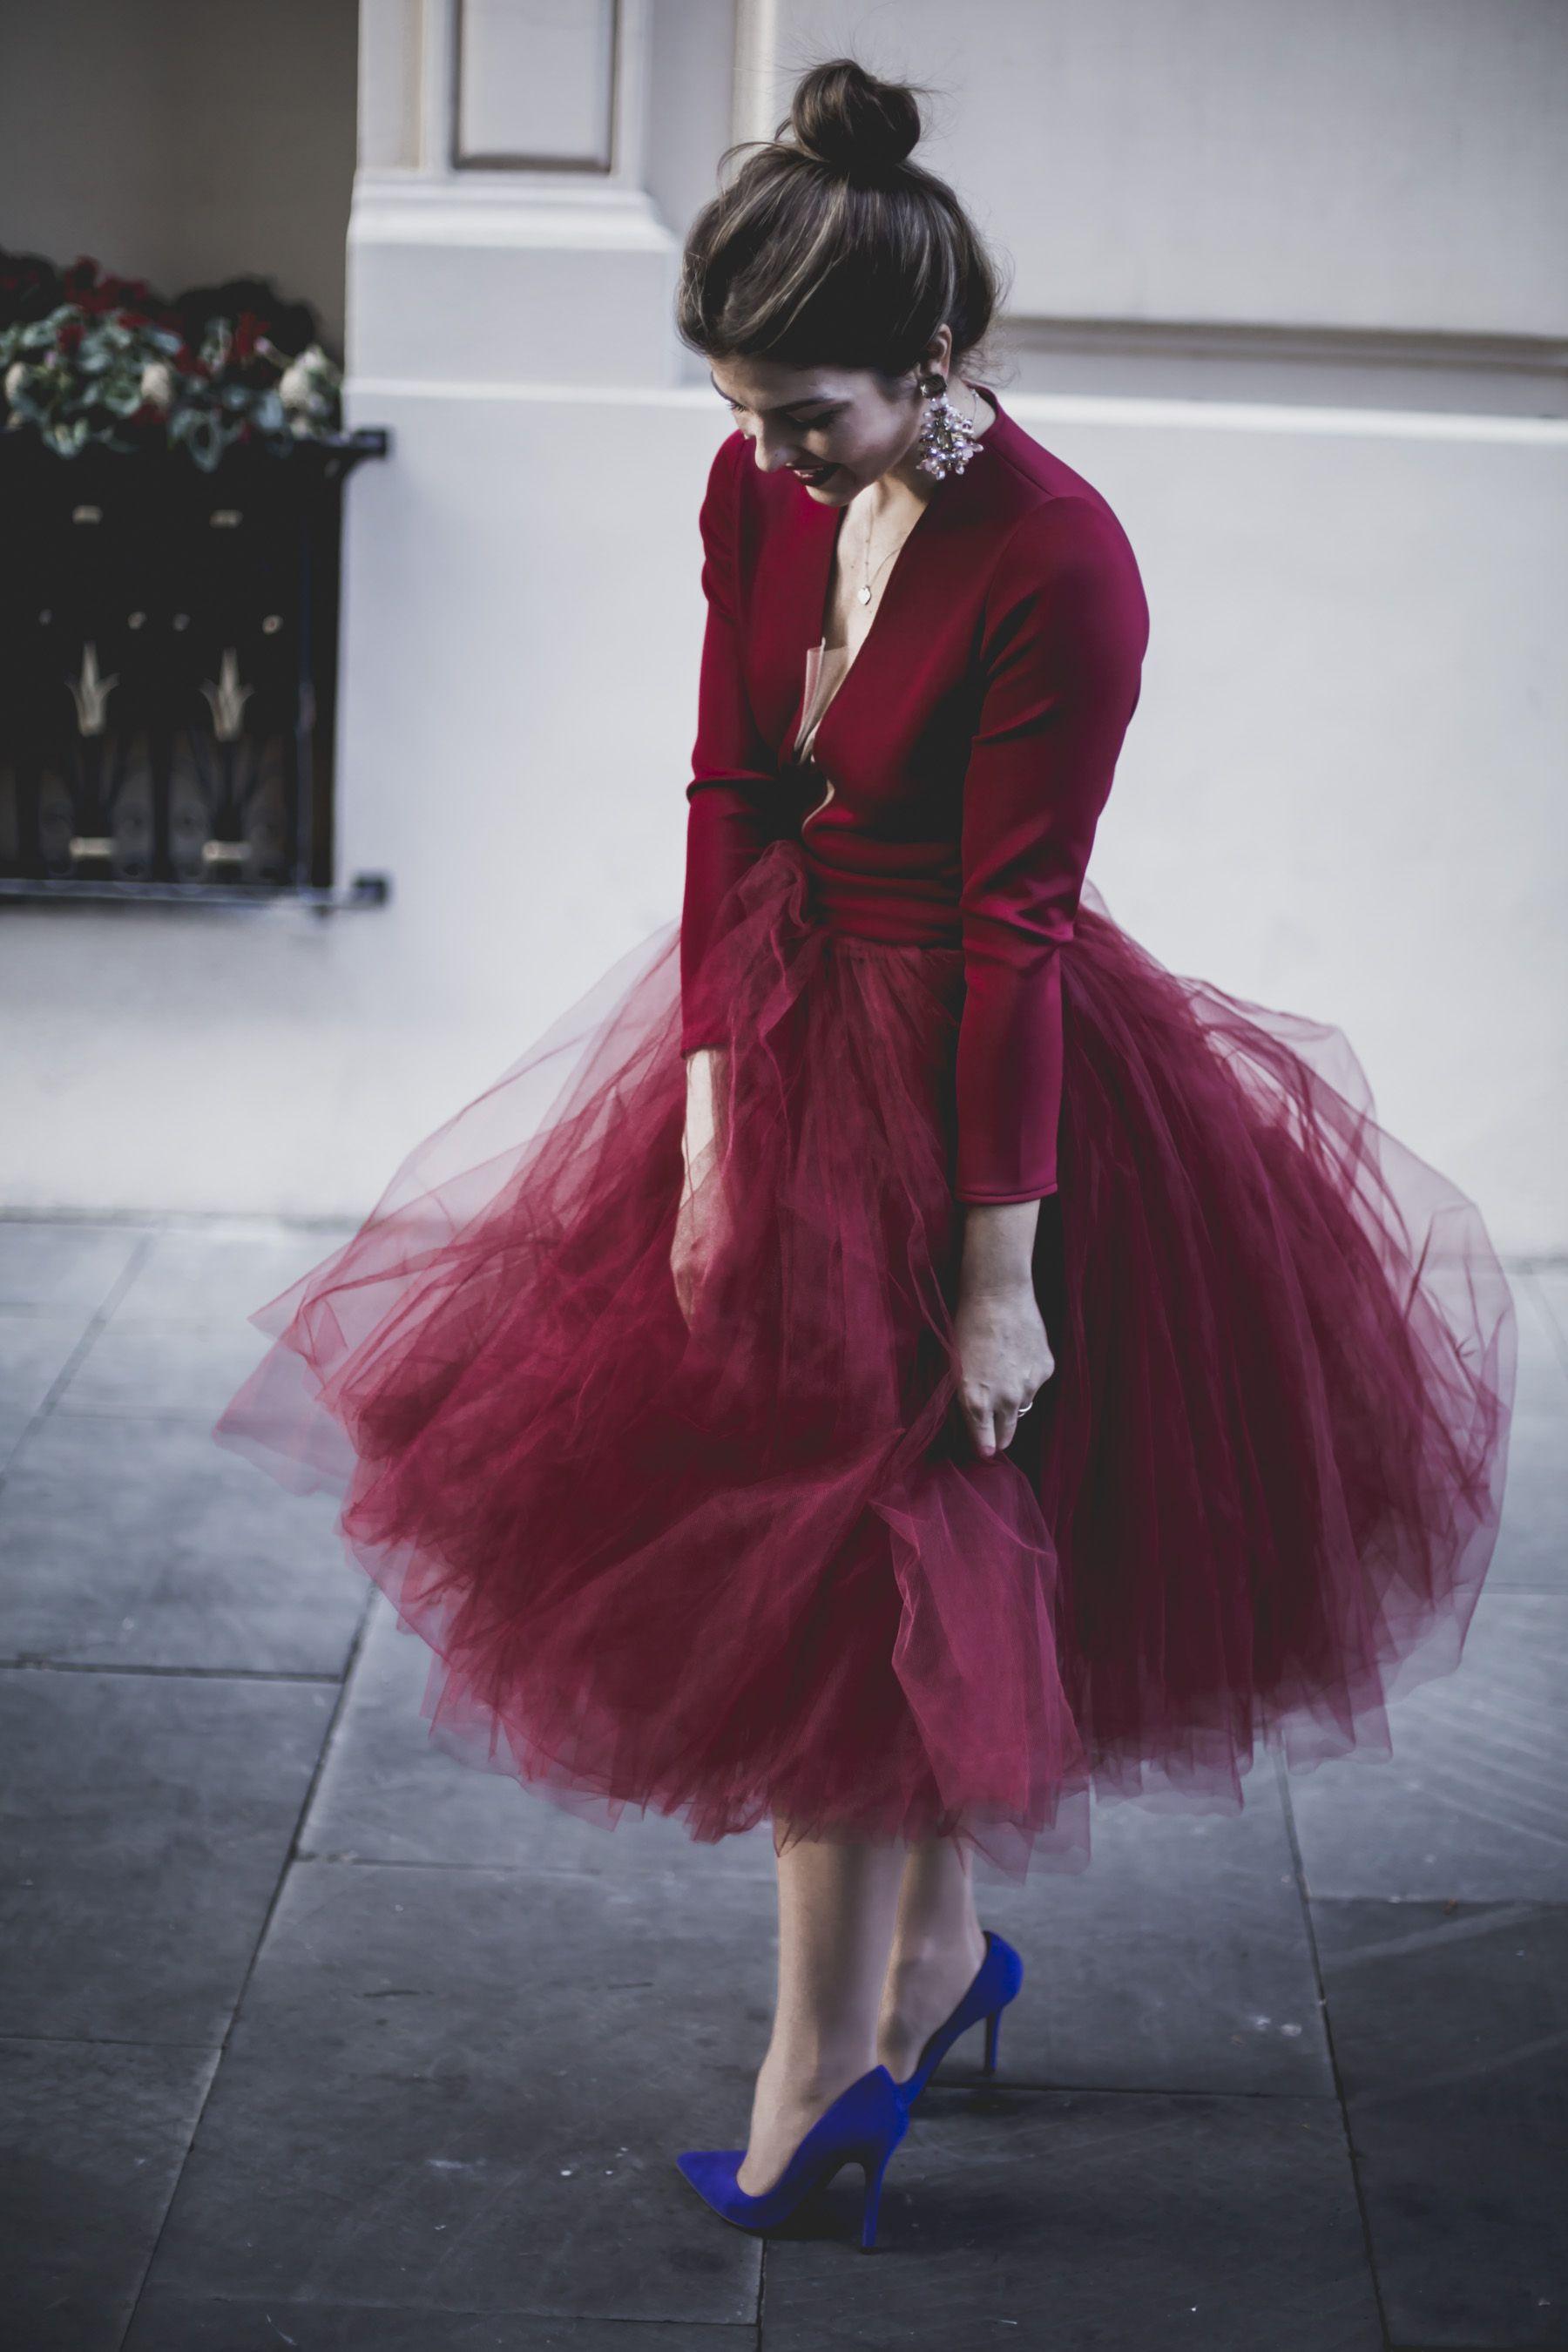 42e8133bda k_1 Red Tulle Skirt, Tulle Skirt Outfits, Tulle Skirts, Tutu Skirt Women,